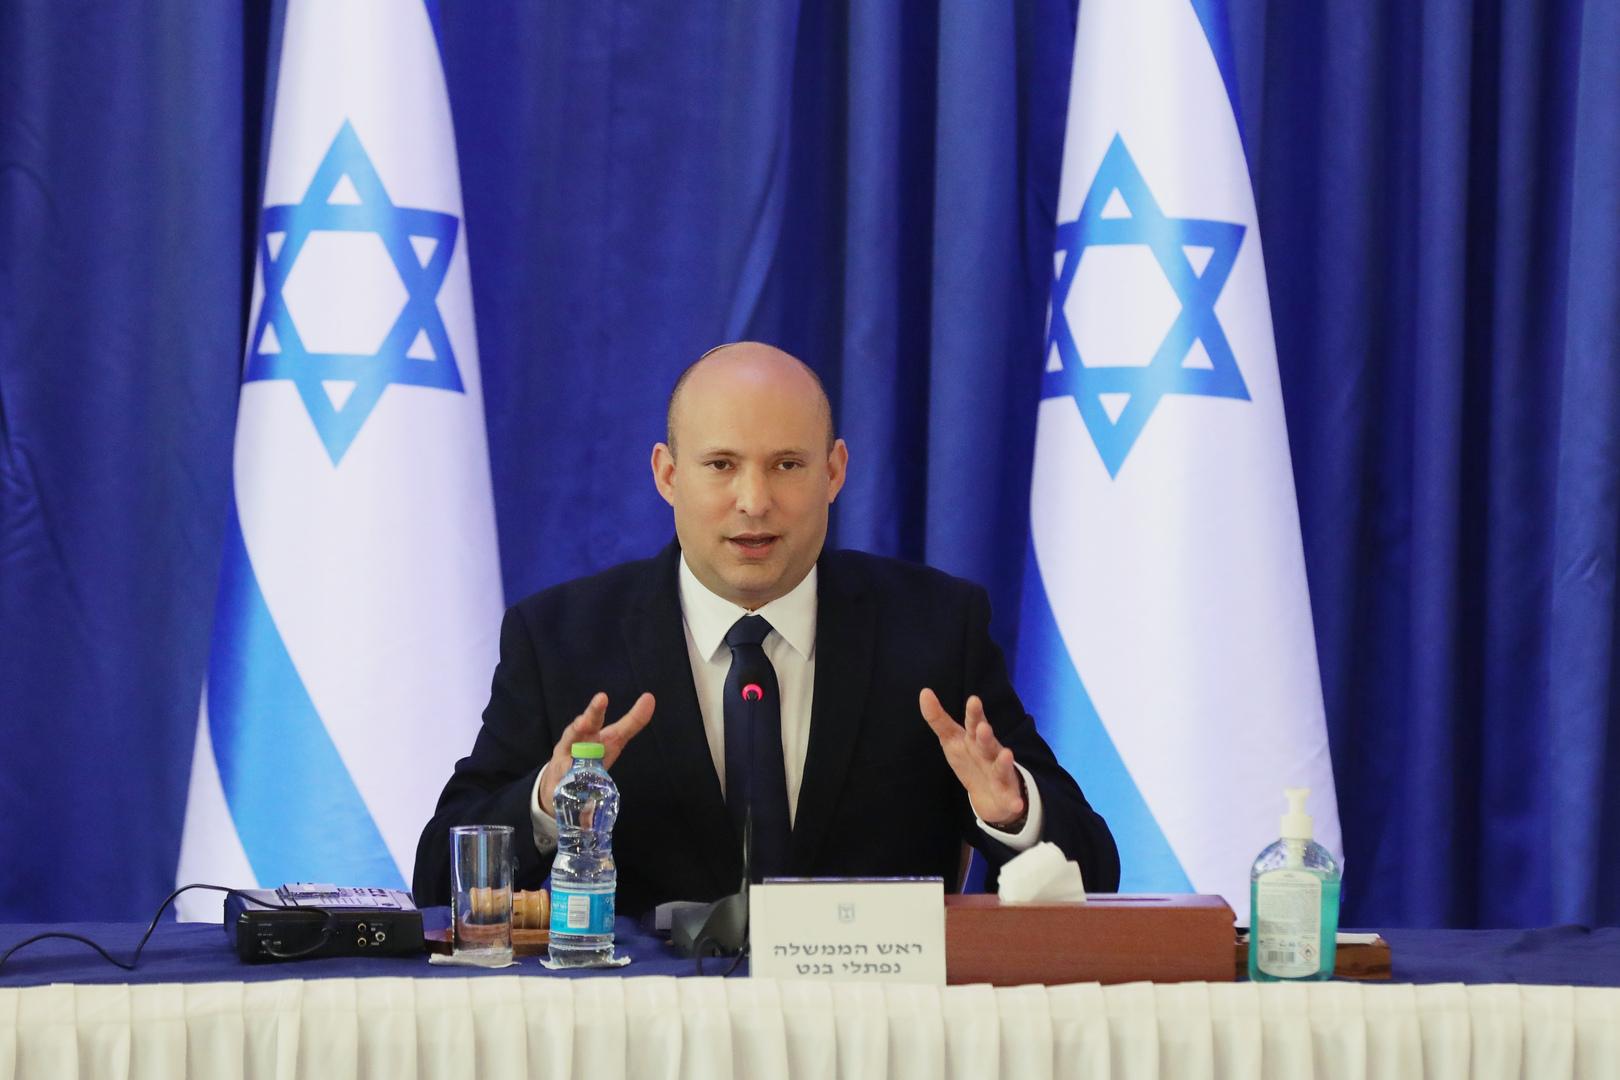 رئيس وزراء إسرائيل يتحدث عن